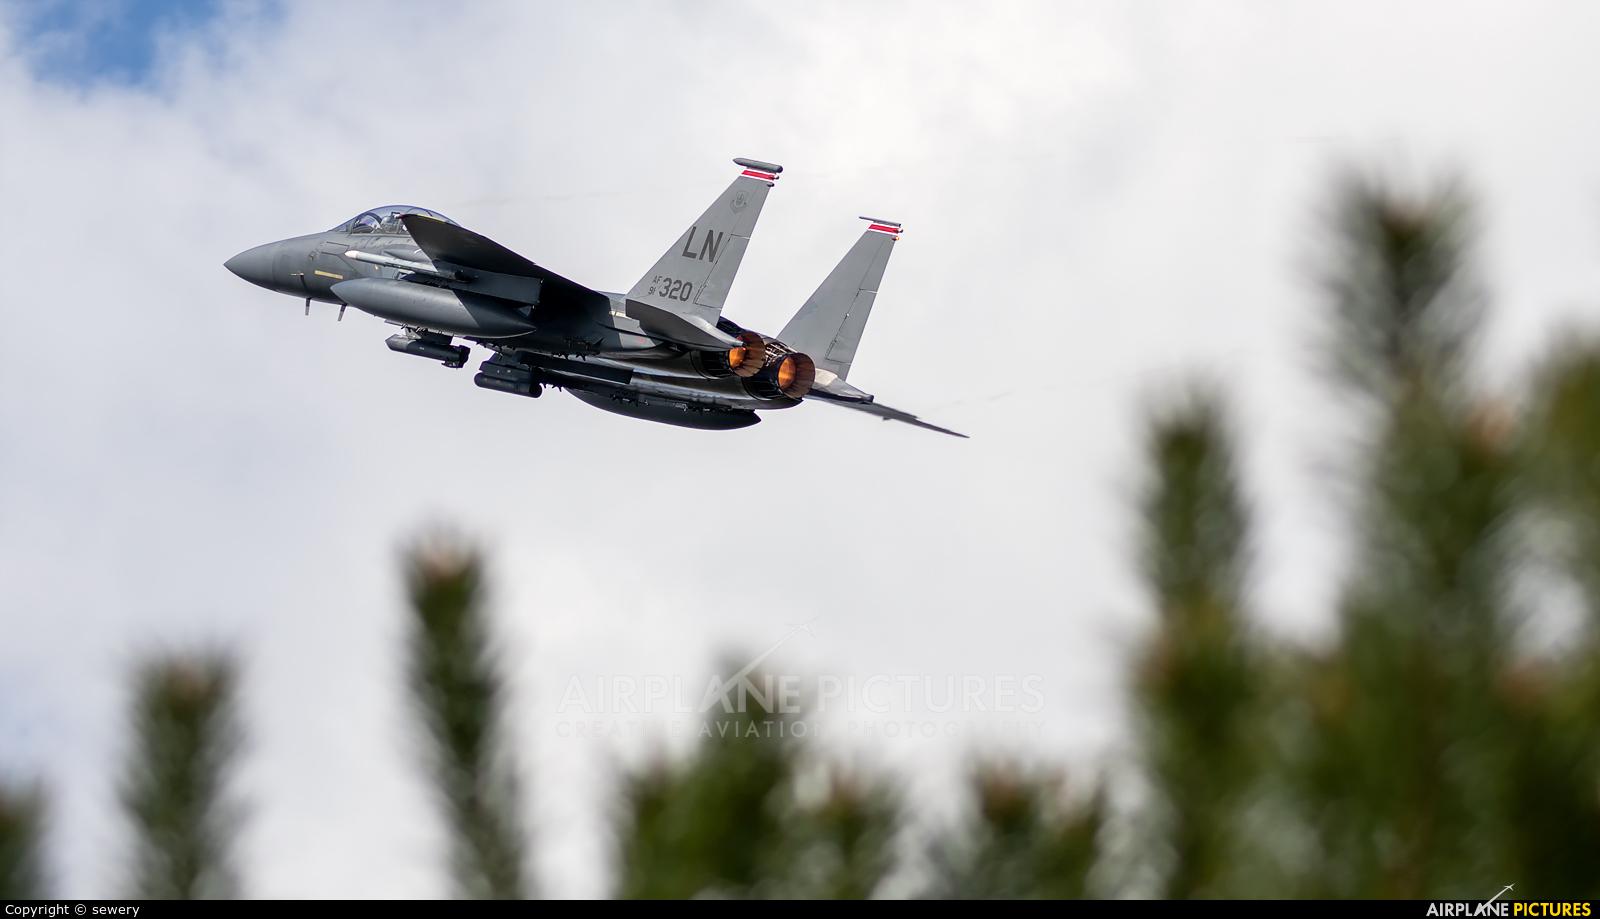 USA - Air Force 91-0320 aircraft at Łask AB